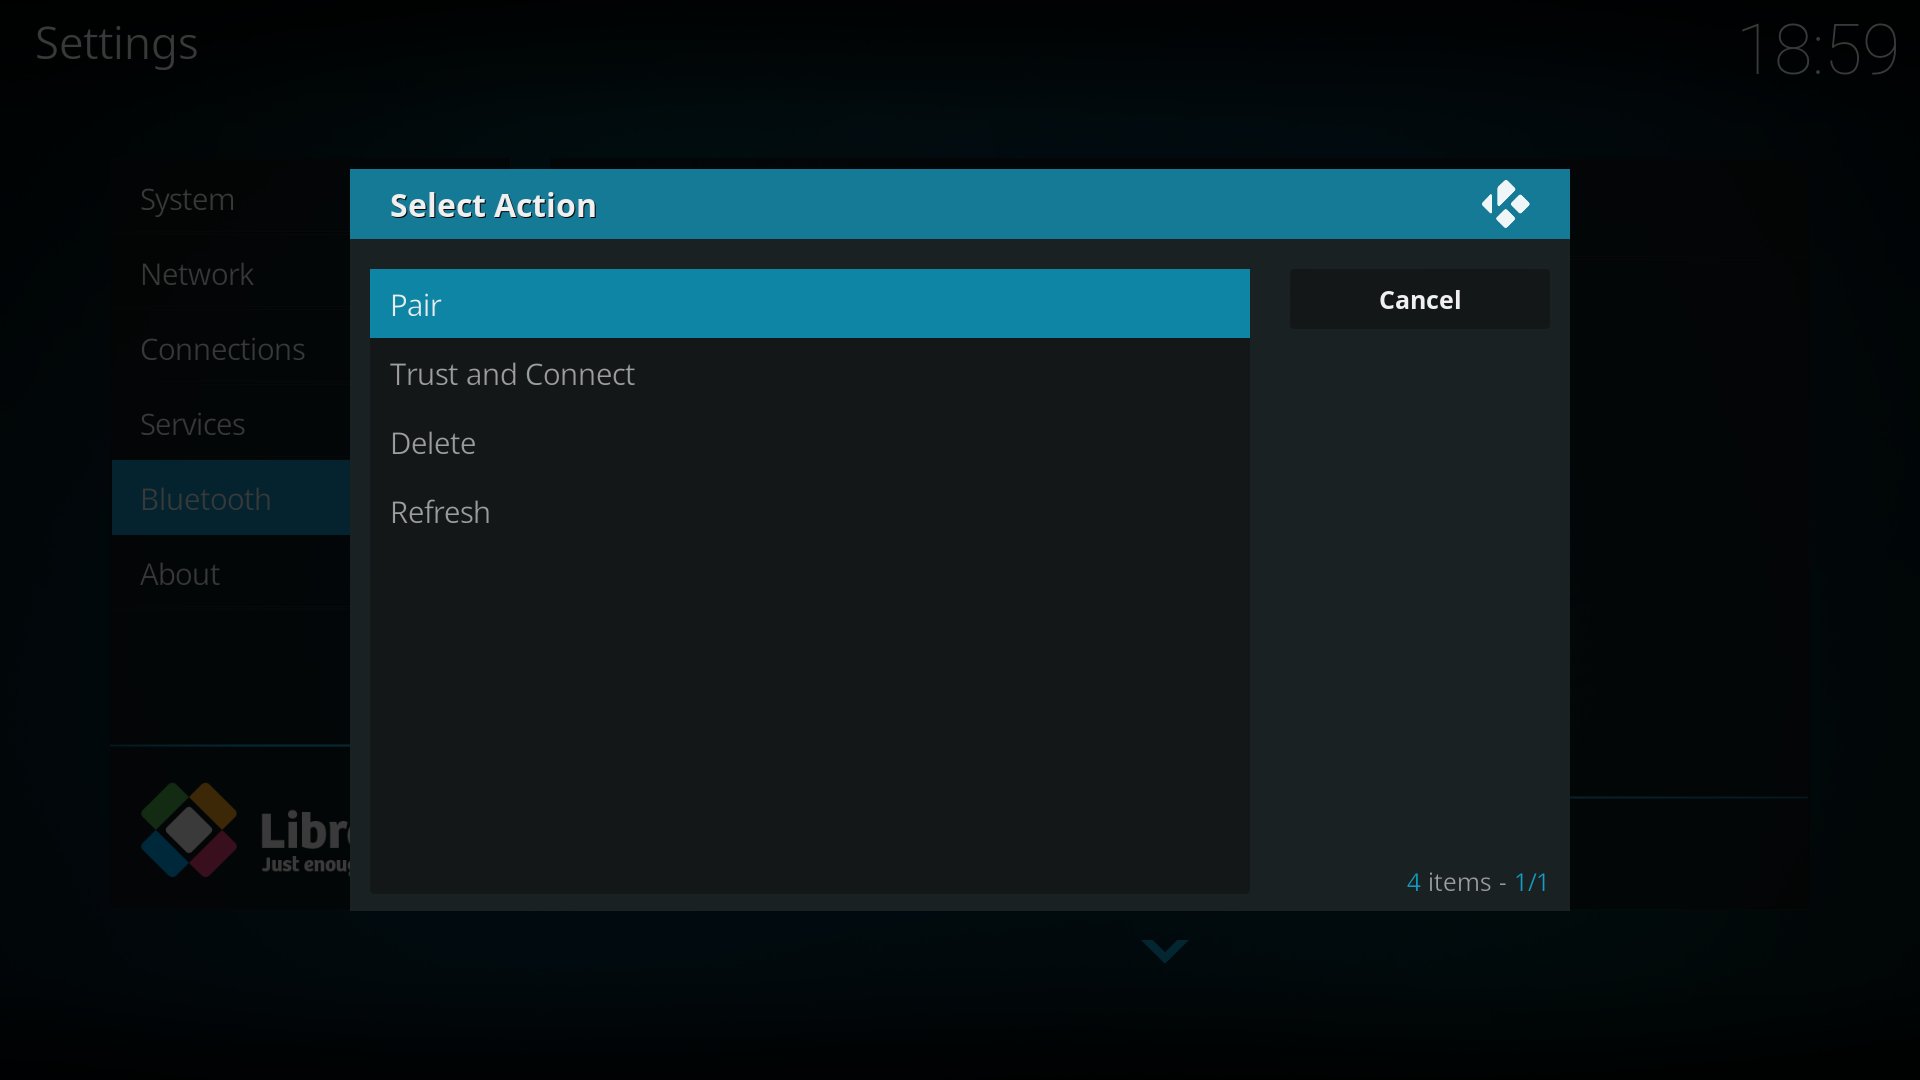 Connecting an Amazon Echo (via Bluetooth and LibreElec